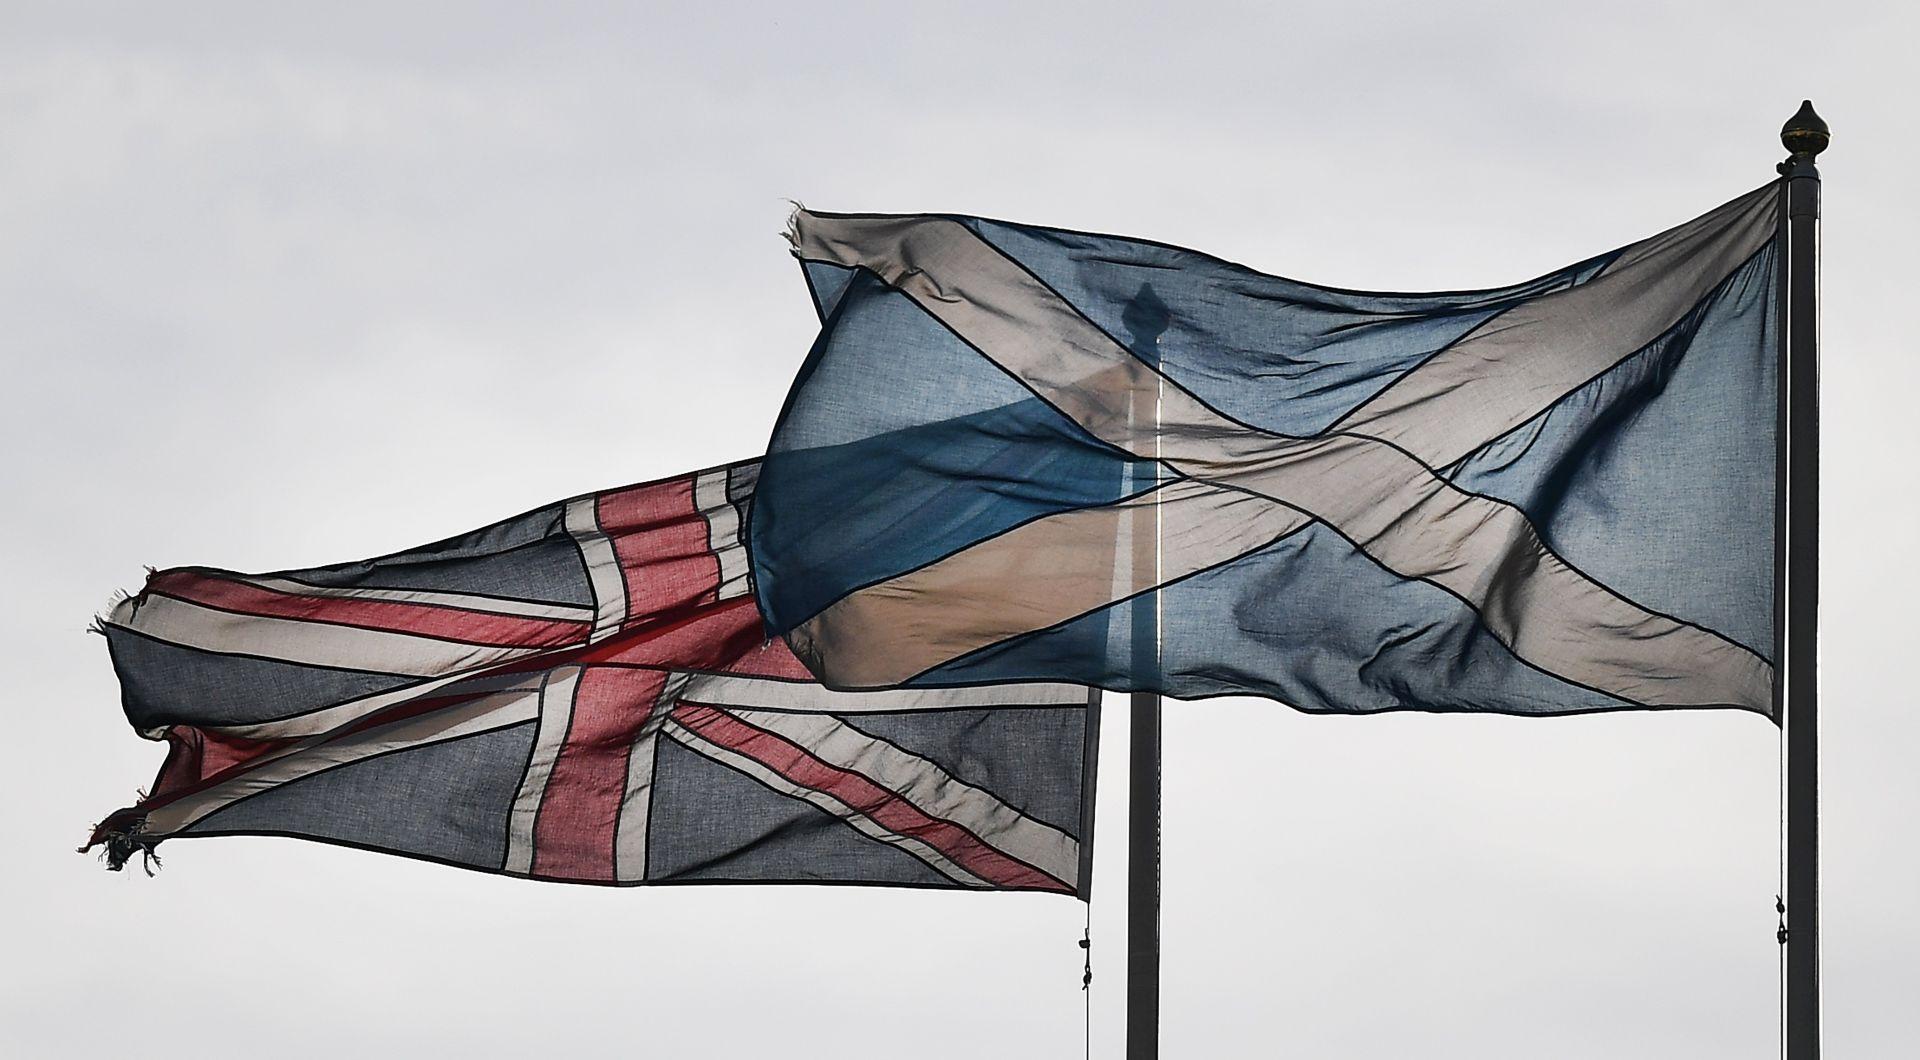 REFERENDUM O ŠKOTSKOJ NEOVISNOSTI Sturgeon i May bez dogovora